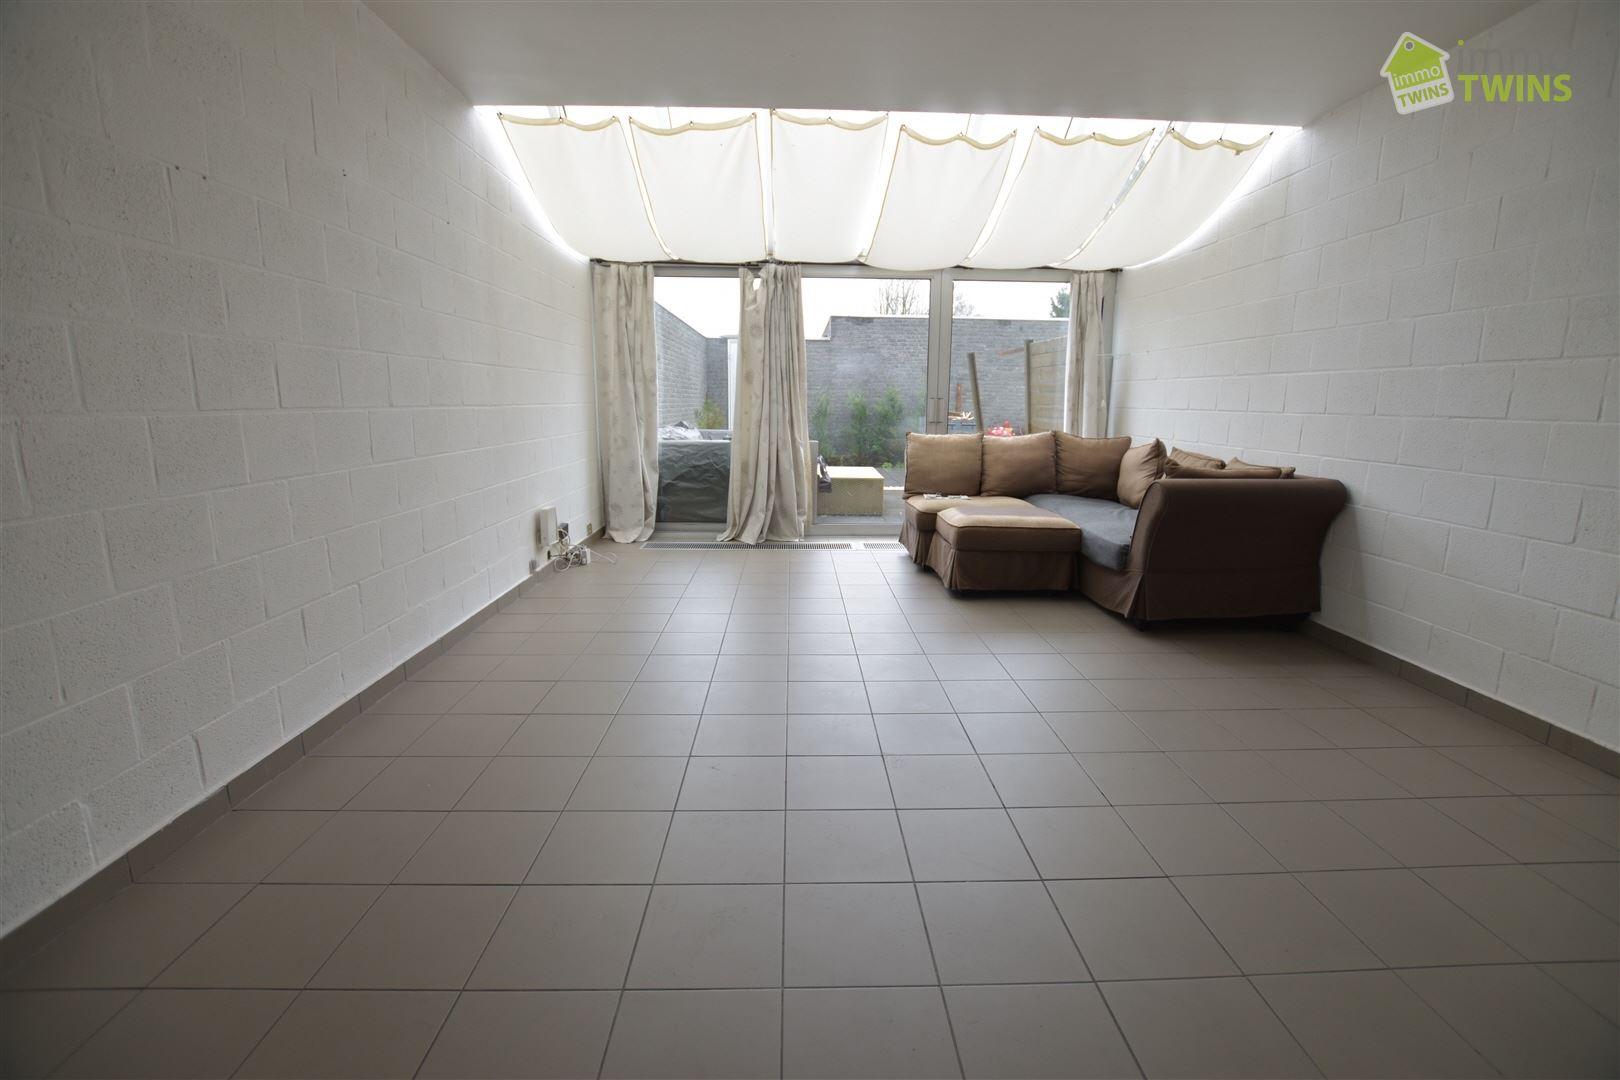 Foto 3 : Duplex/triplex te 9280 LEBBEKE (België) - Prijs € 257.000